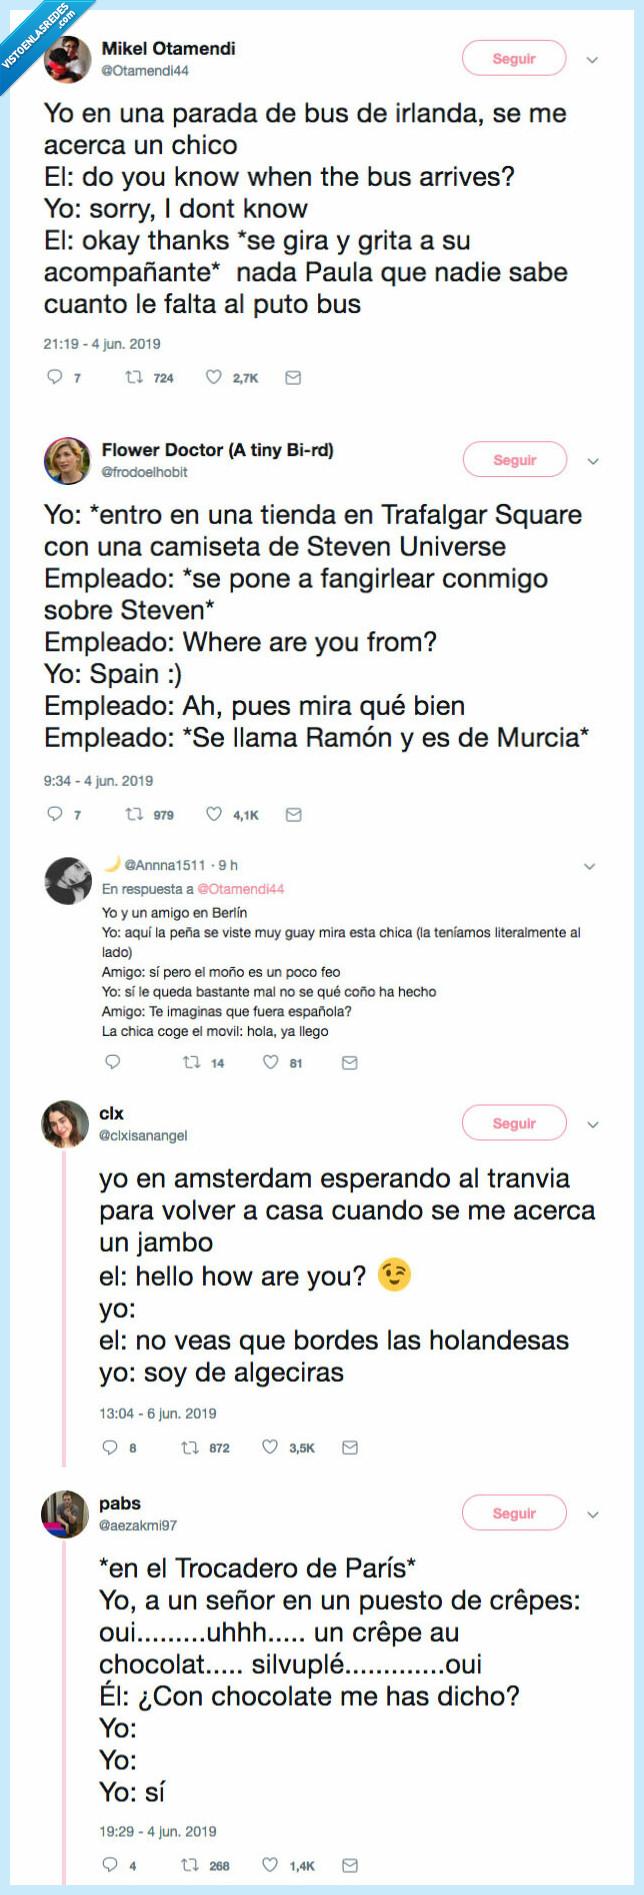 españoles,fails,idiomas,mundo